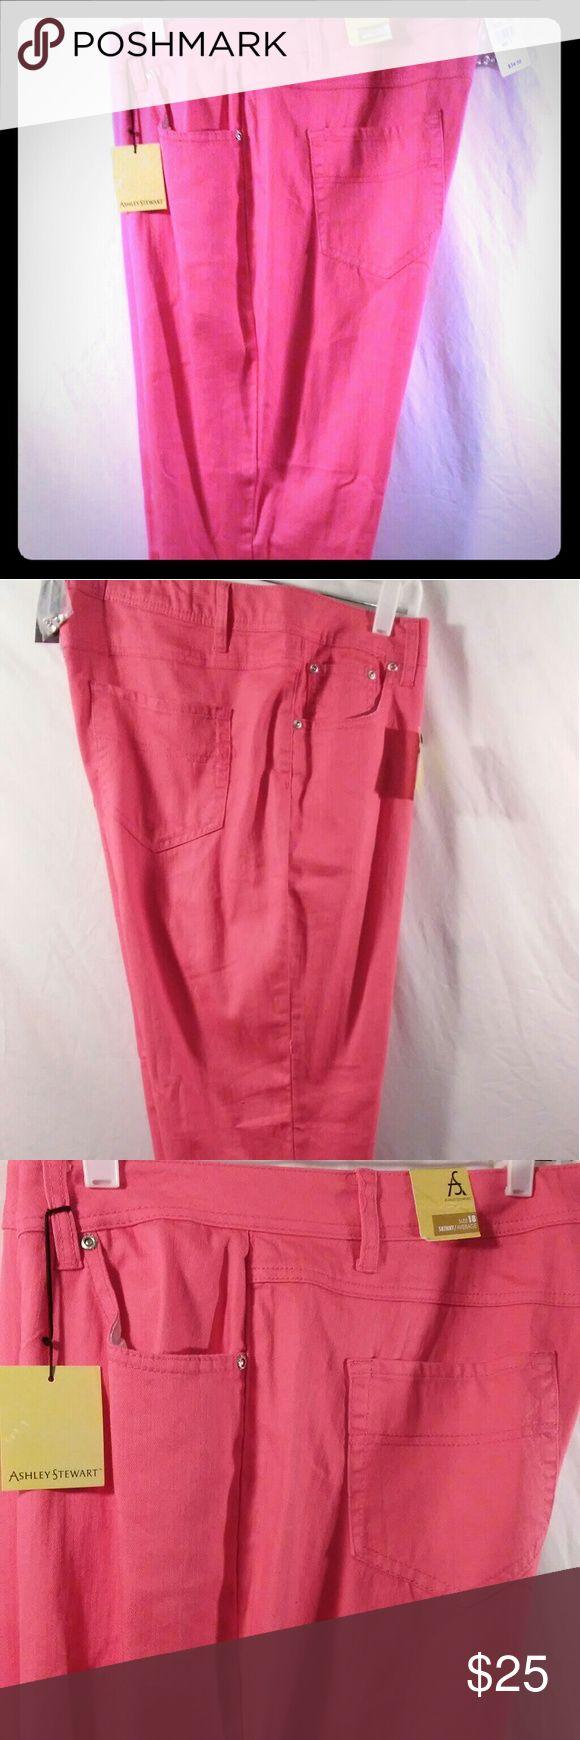 Ashley Stewart Skinny Jeans Ashley Stewart Skinny Jeans Ashley Stewart Pants Skinny